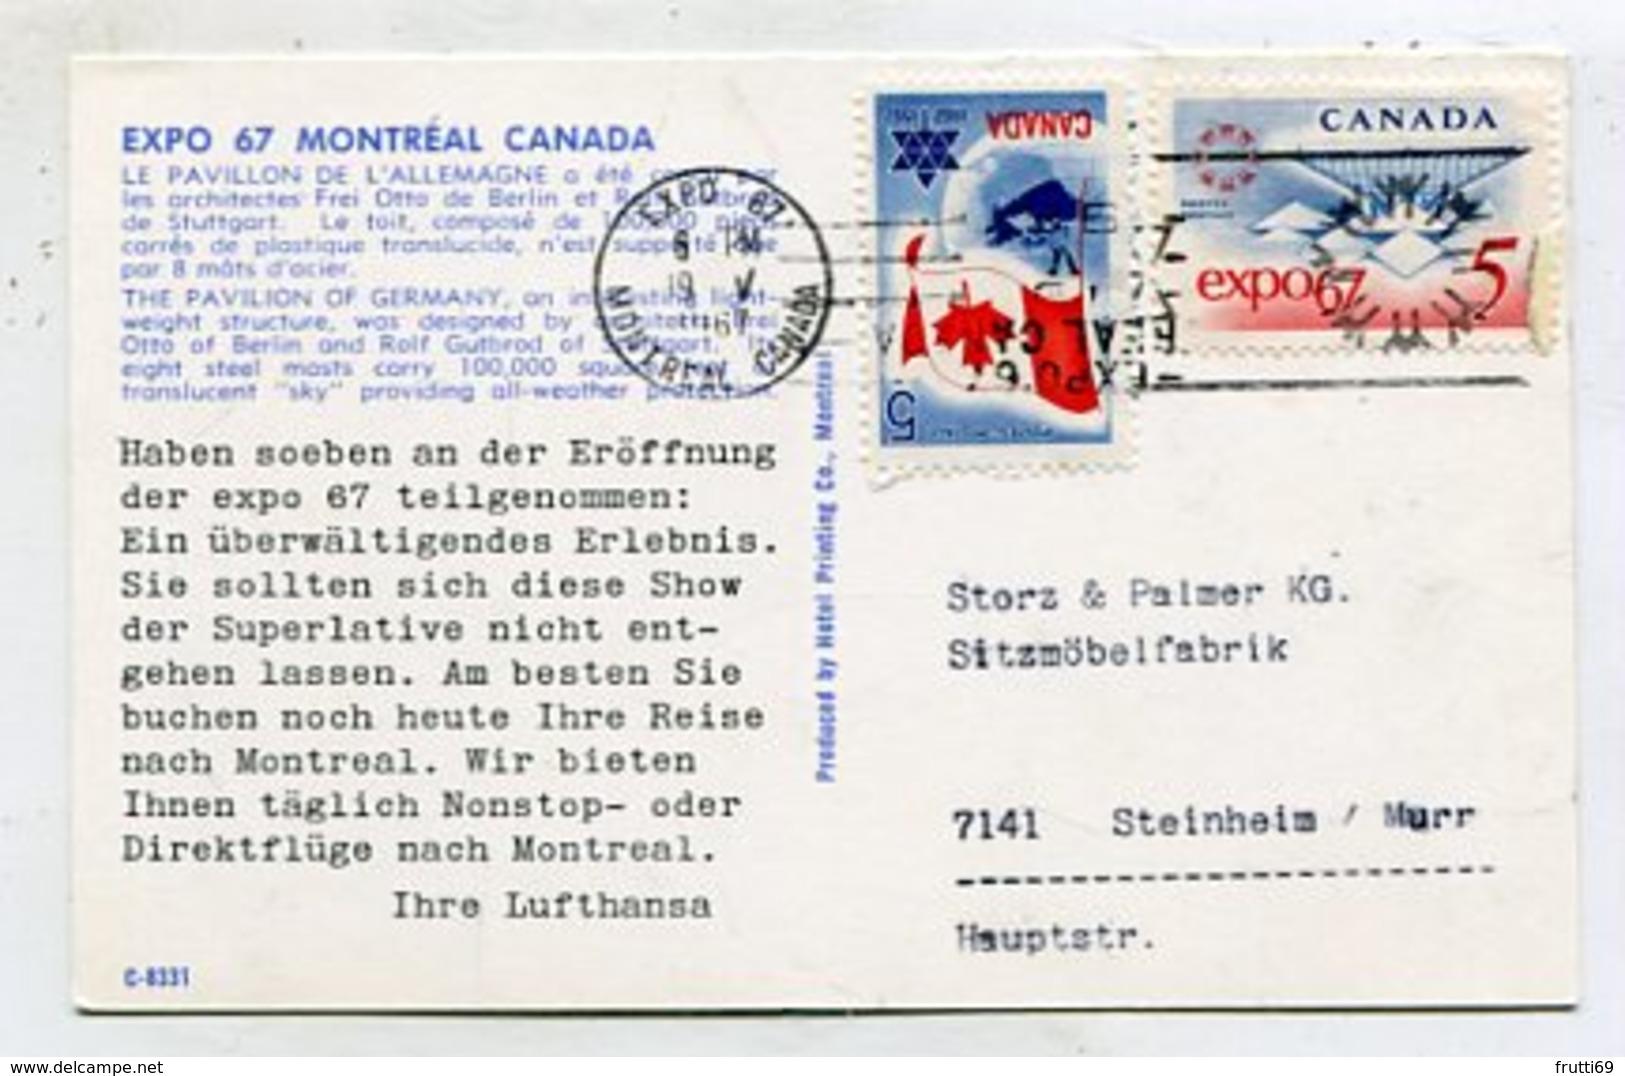 CANADA - AK 356763 Québec - Montréal - EXPO 67 - Montreal